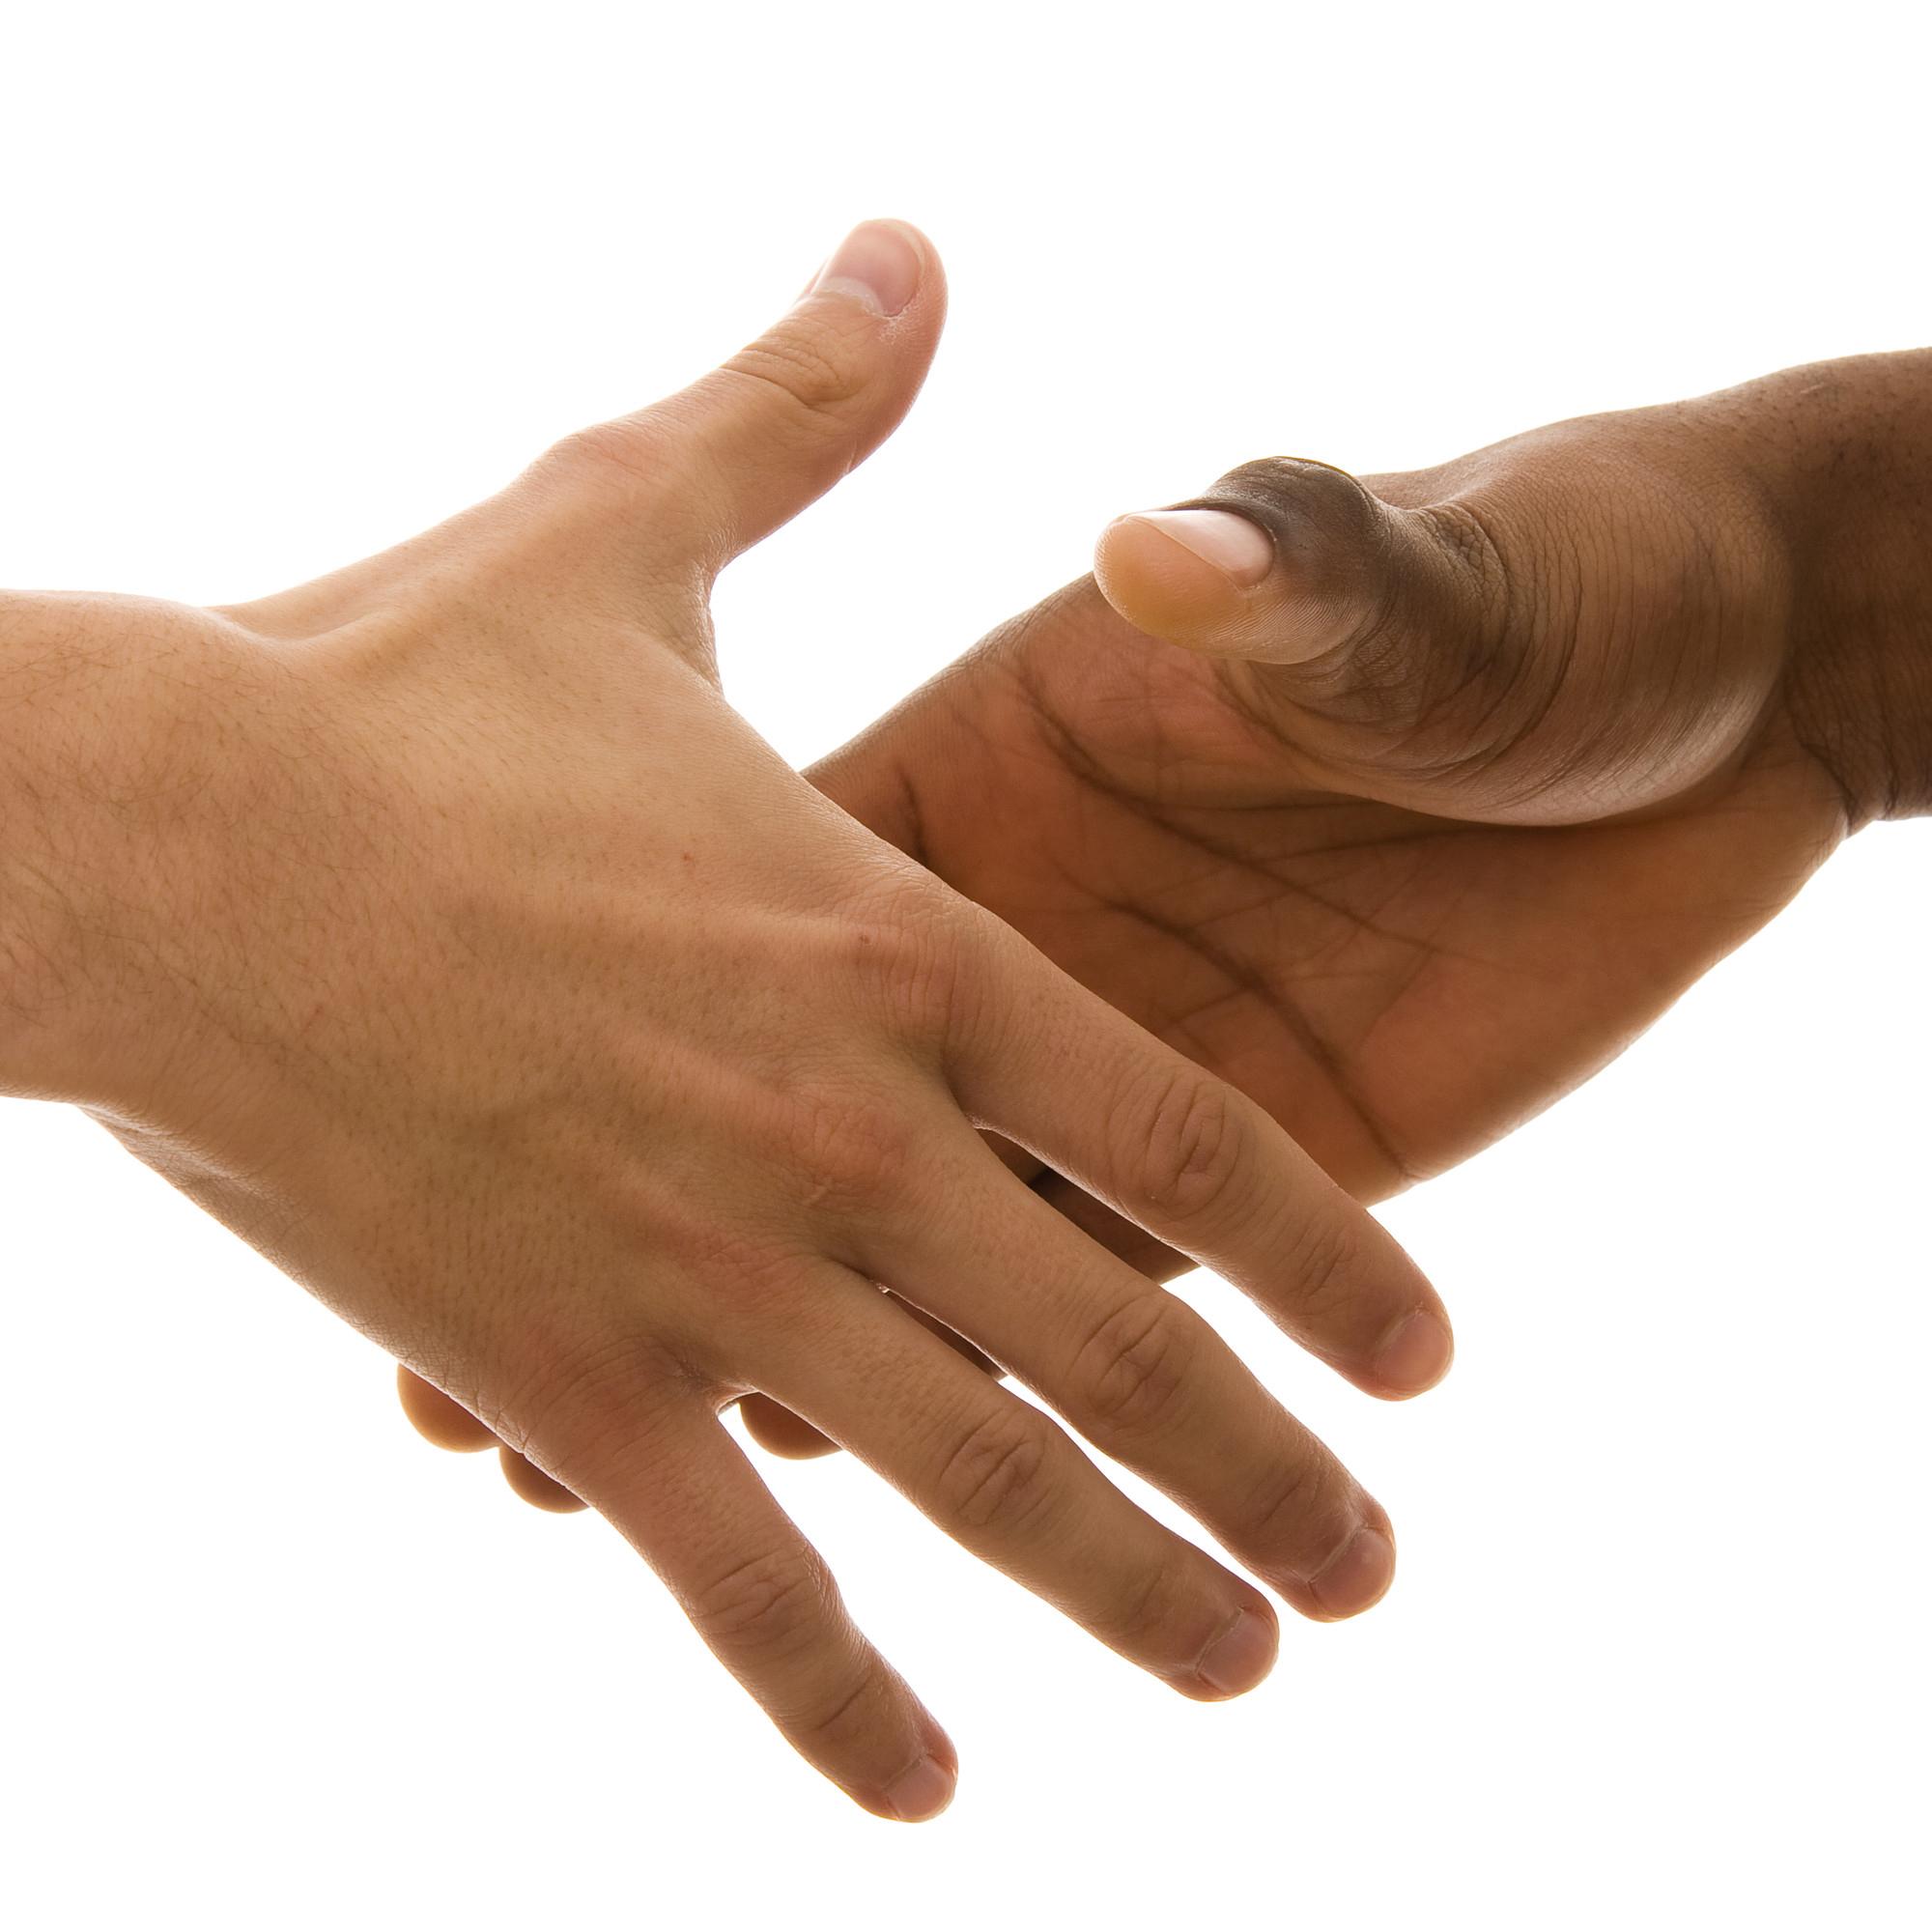 handshake-(2)